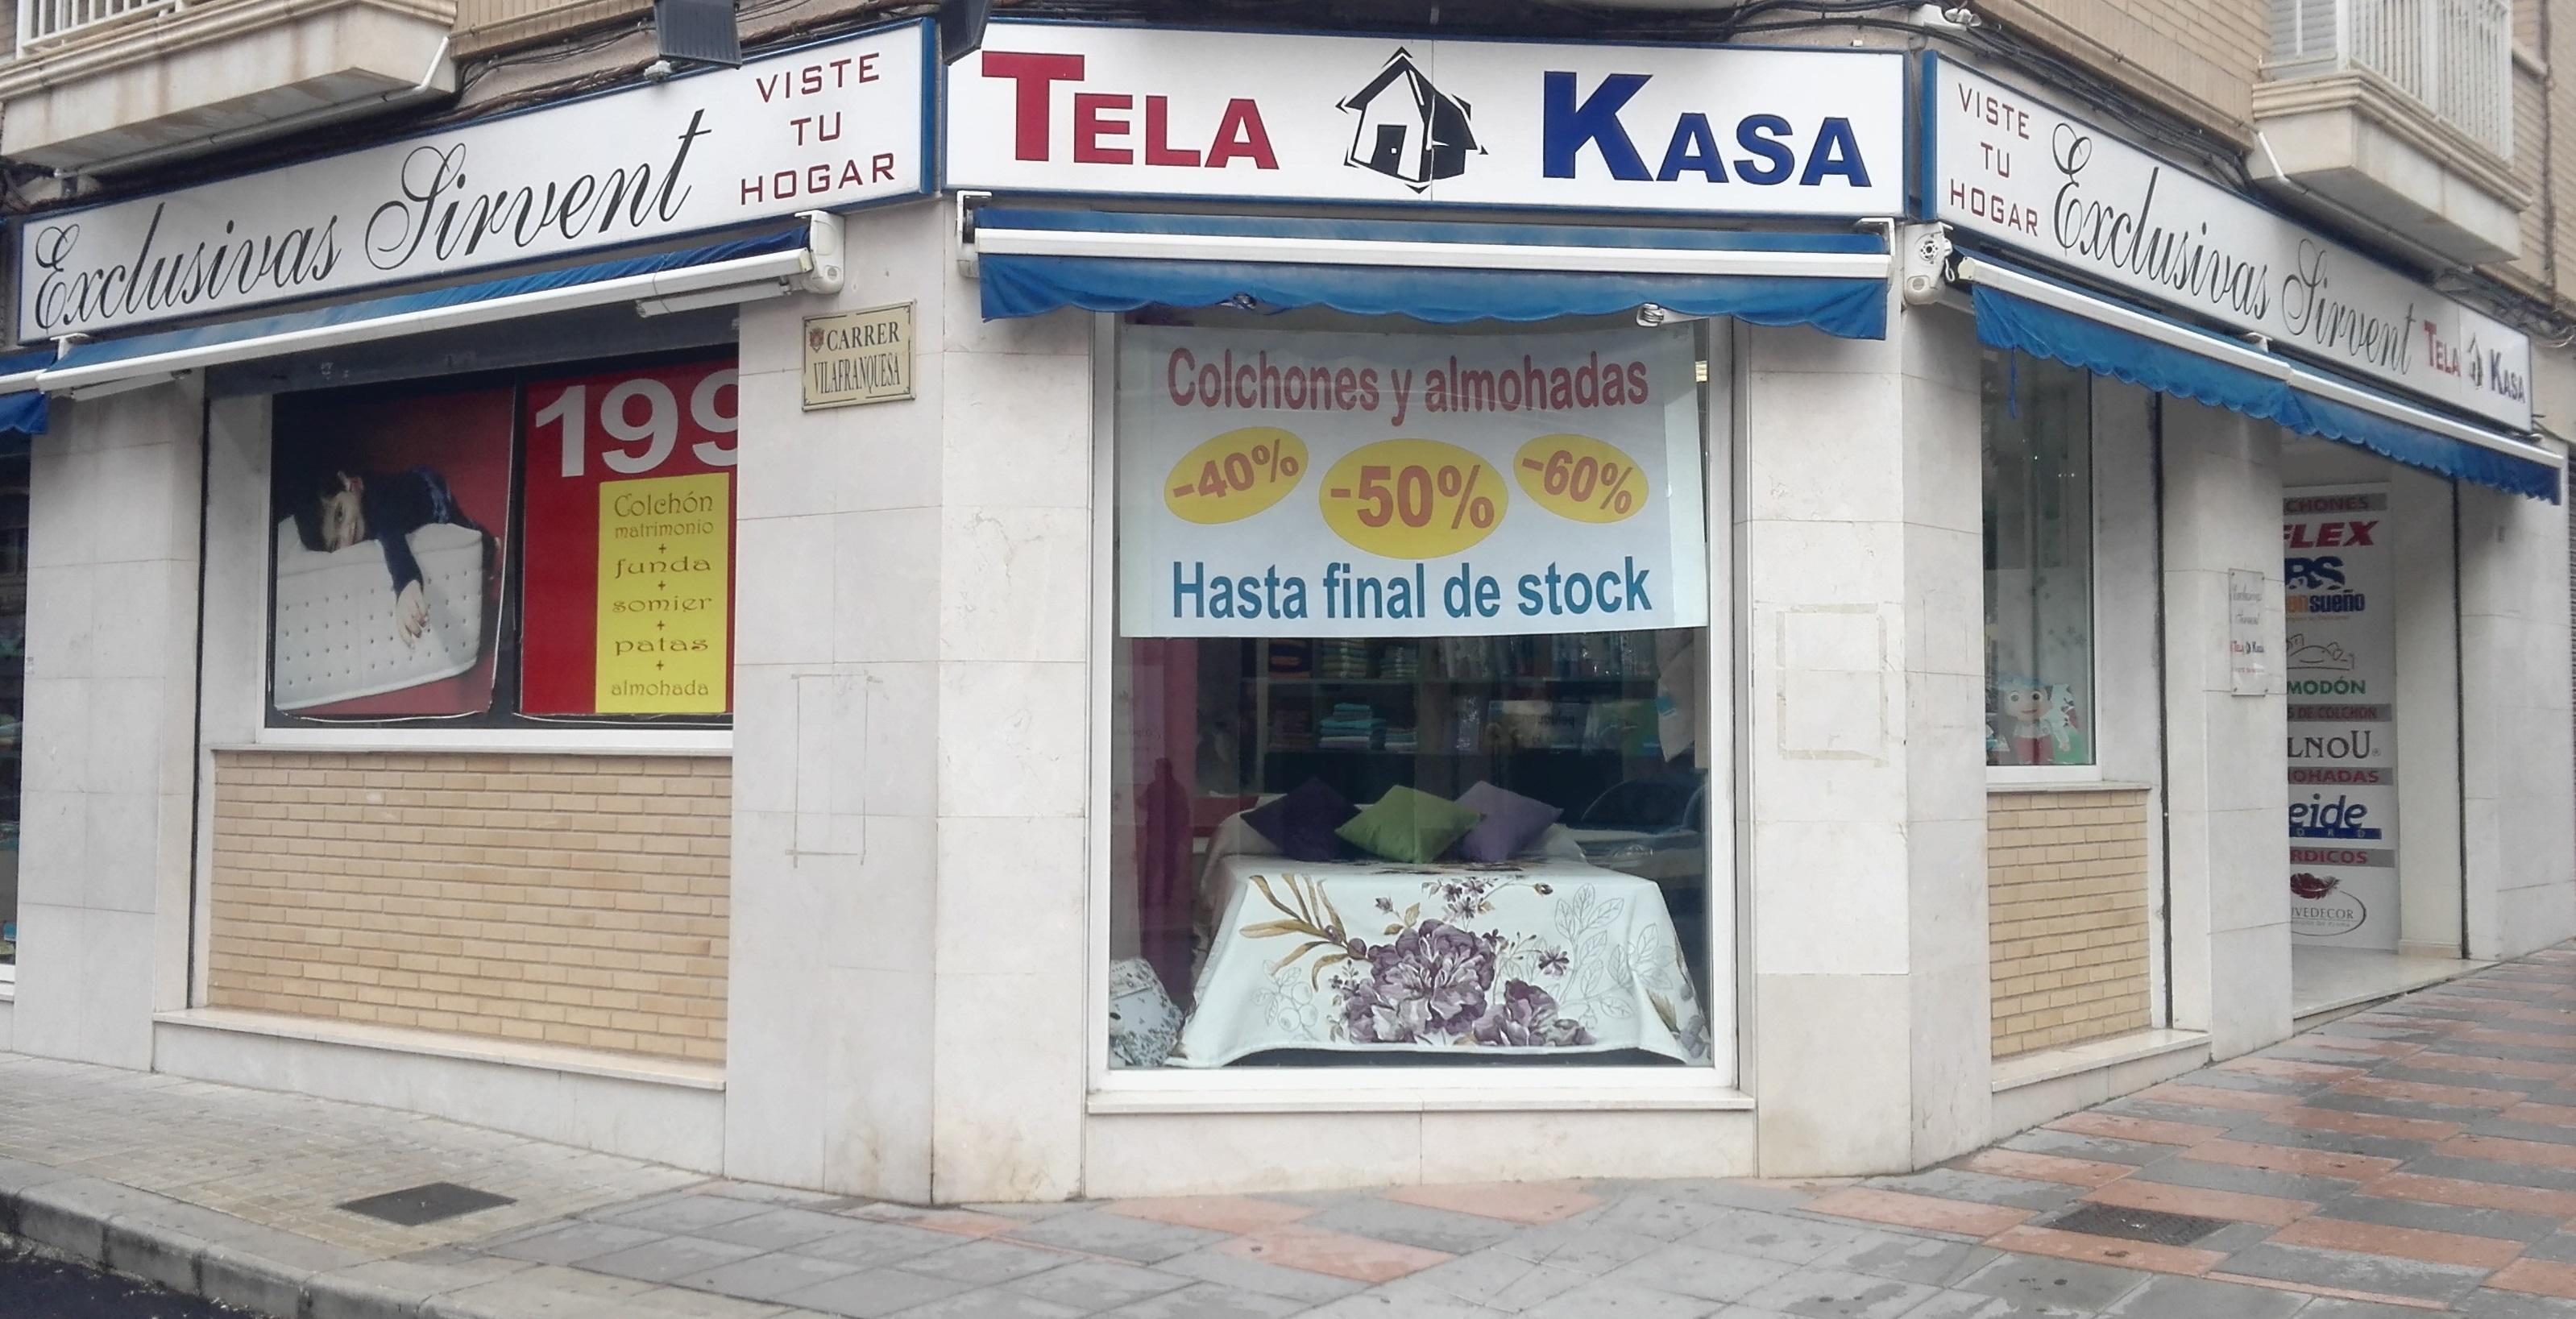 TelaKasa Colchonería